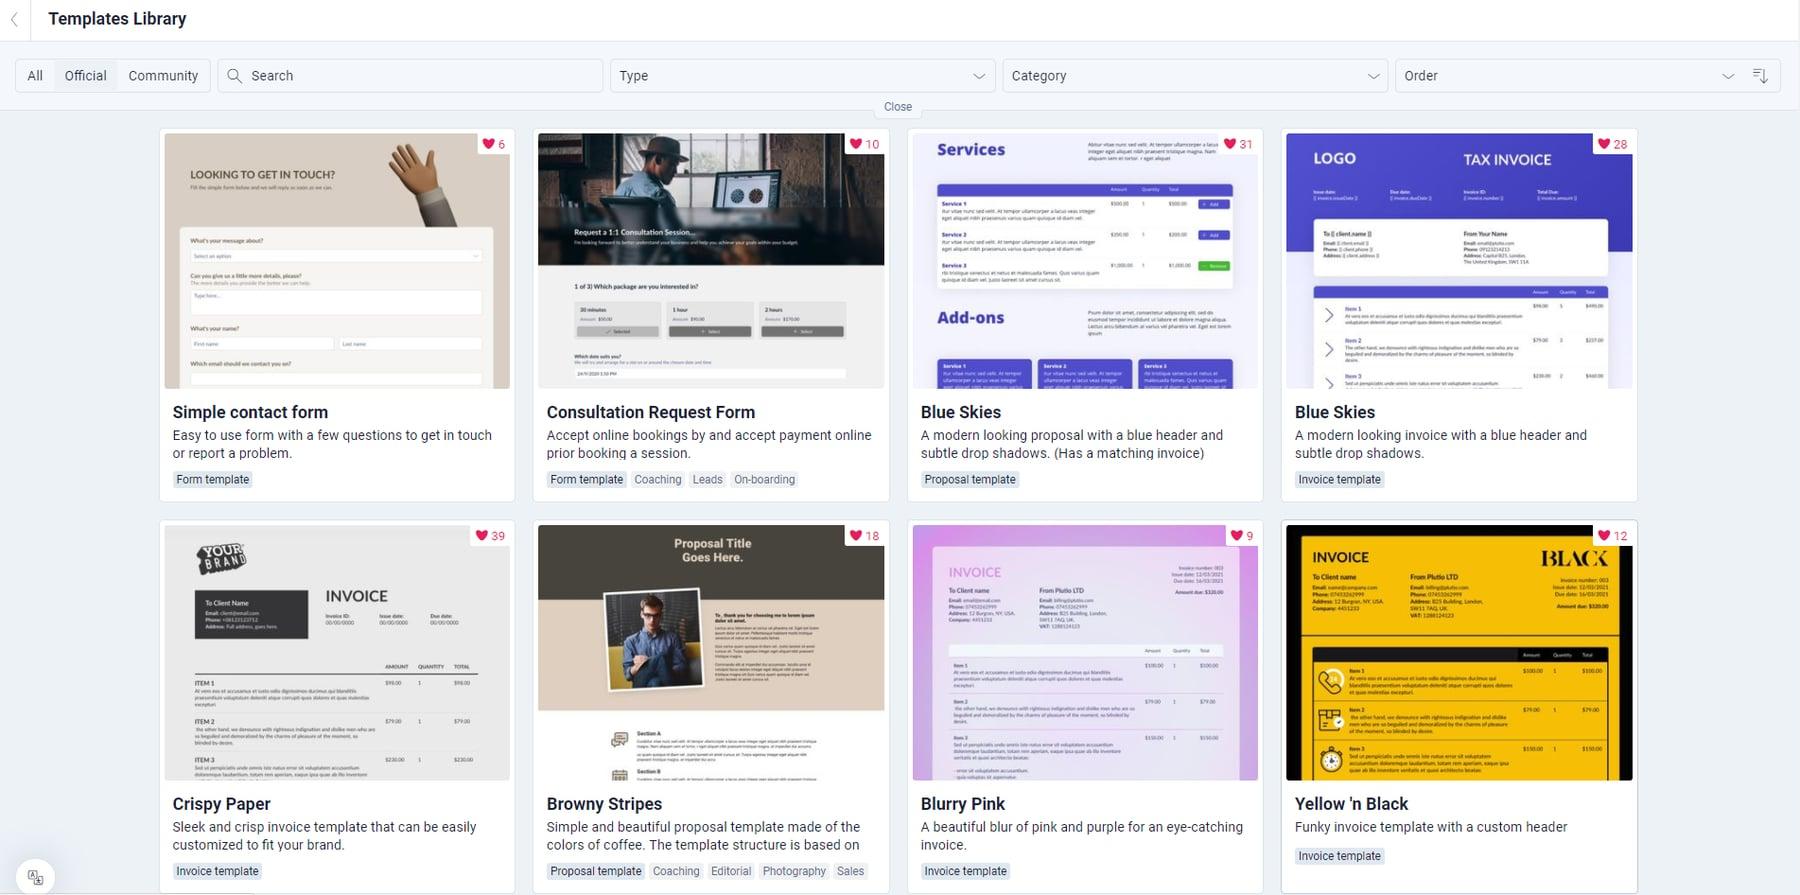 plutio review - templates